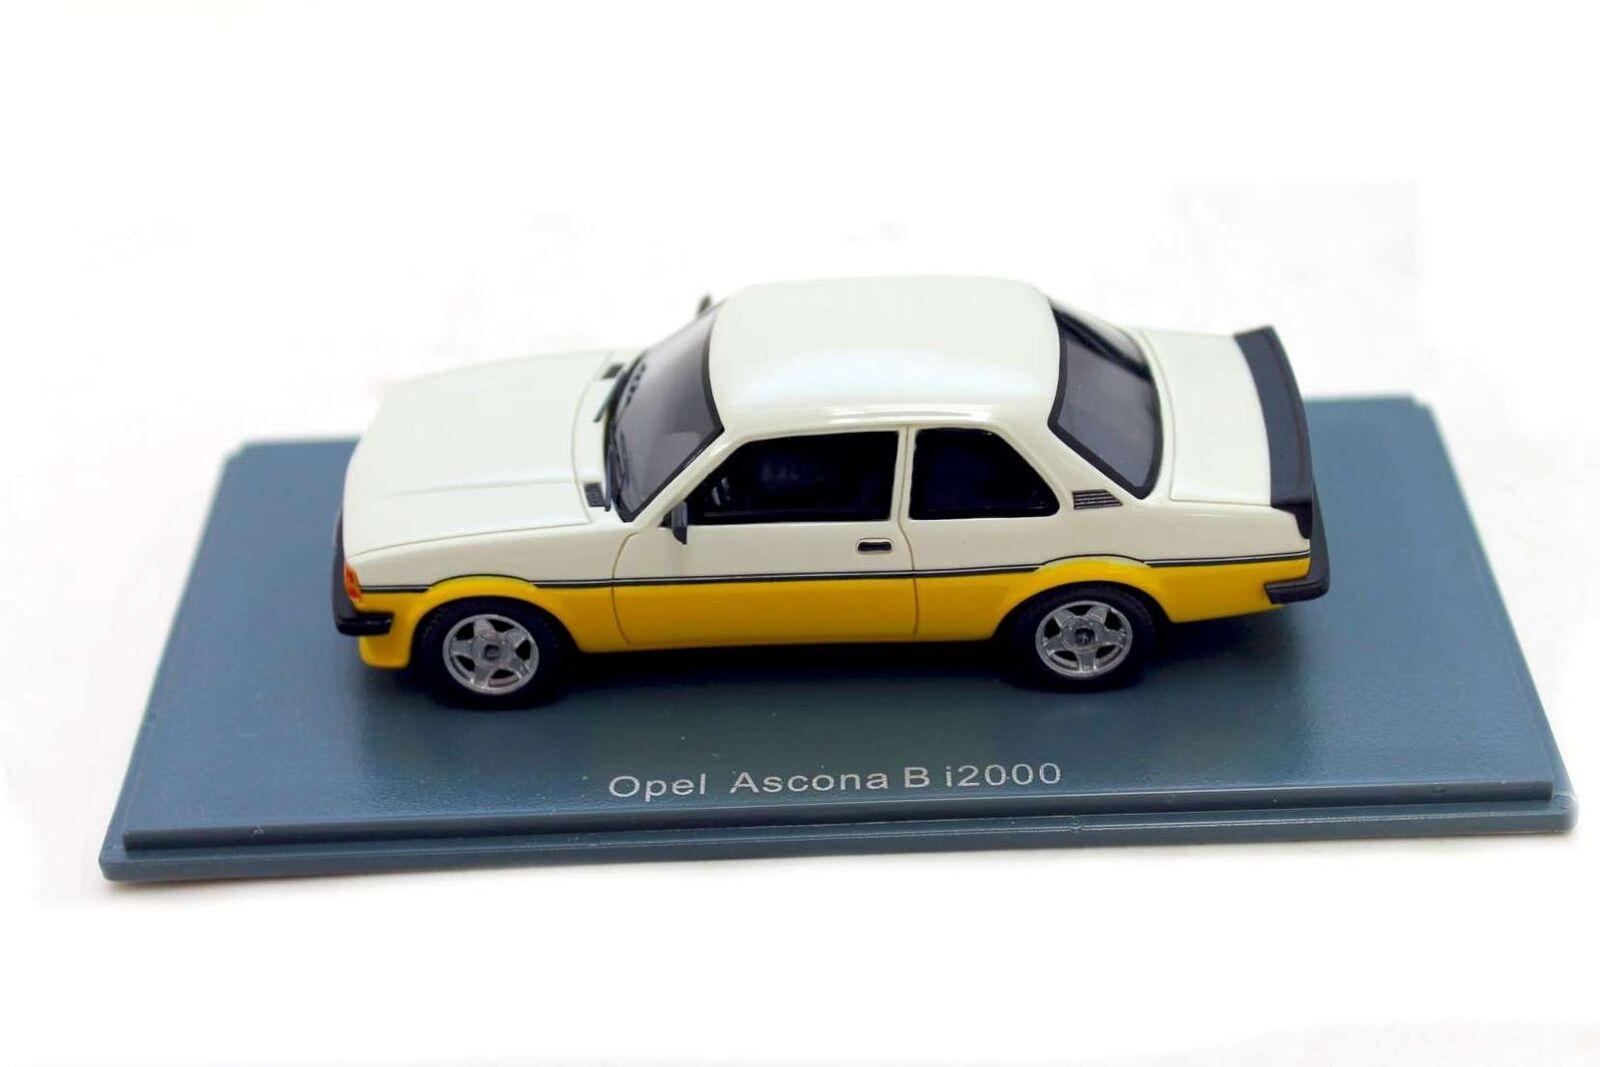 Opel Ascona B i2000 1 43 Modellauto Modellauto Modellauto Sammlermodell OC11157 9f8802